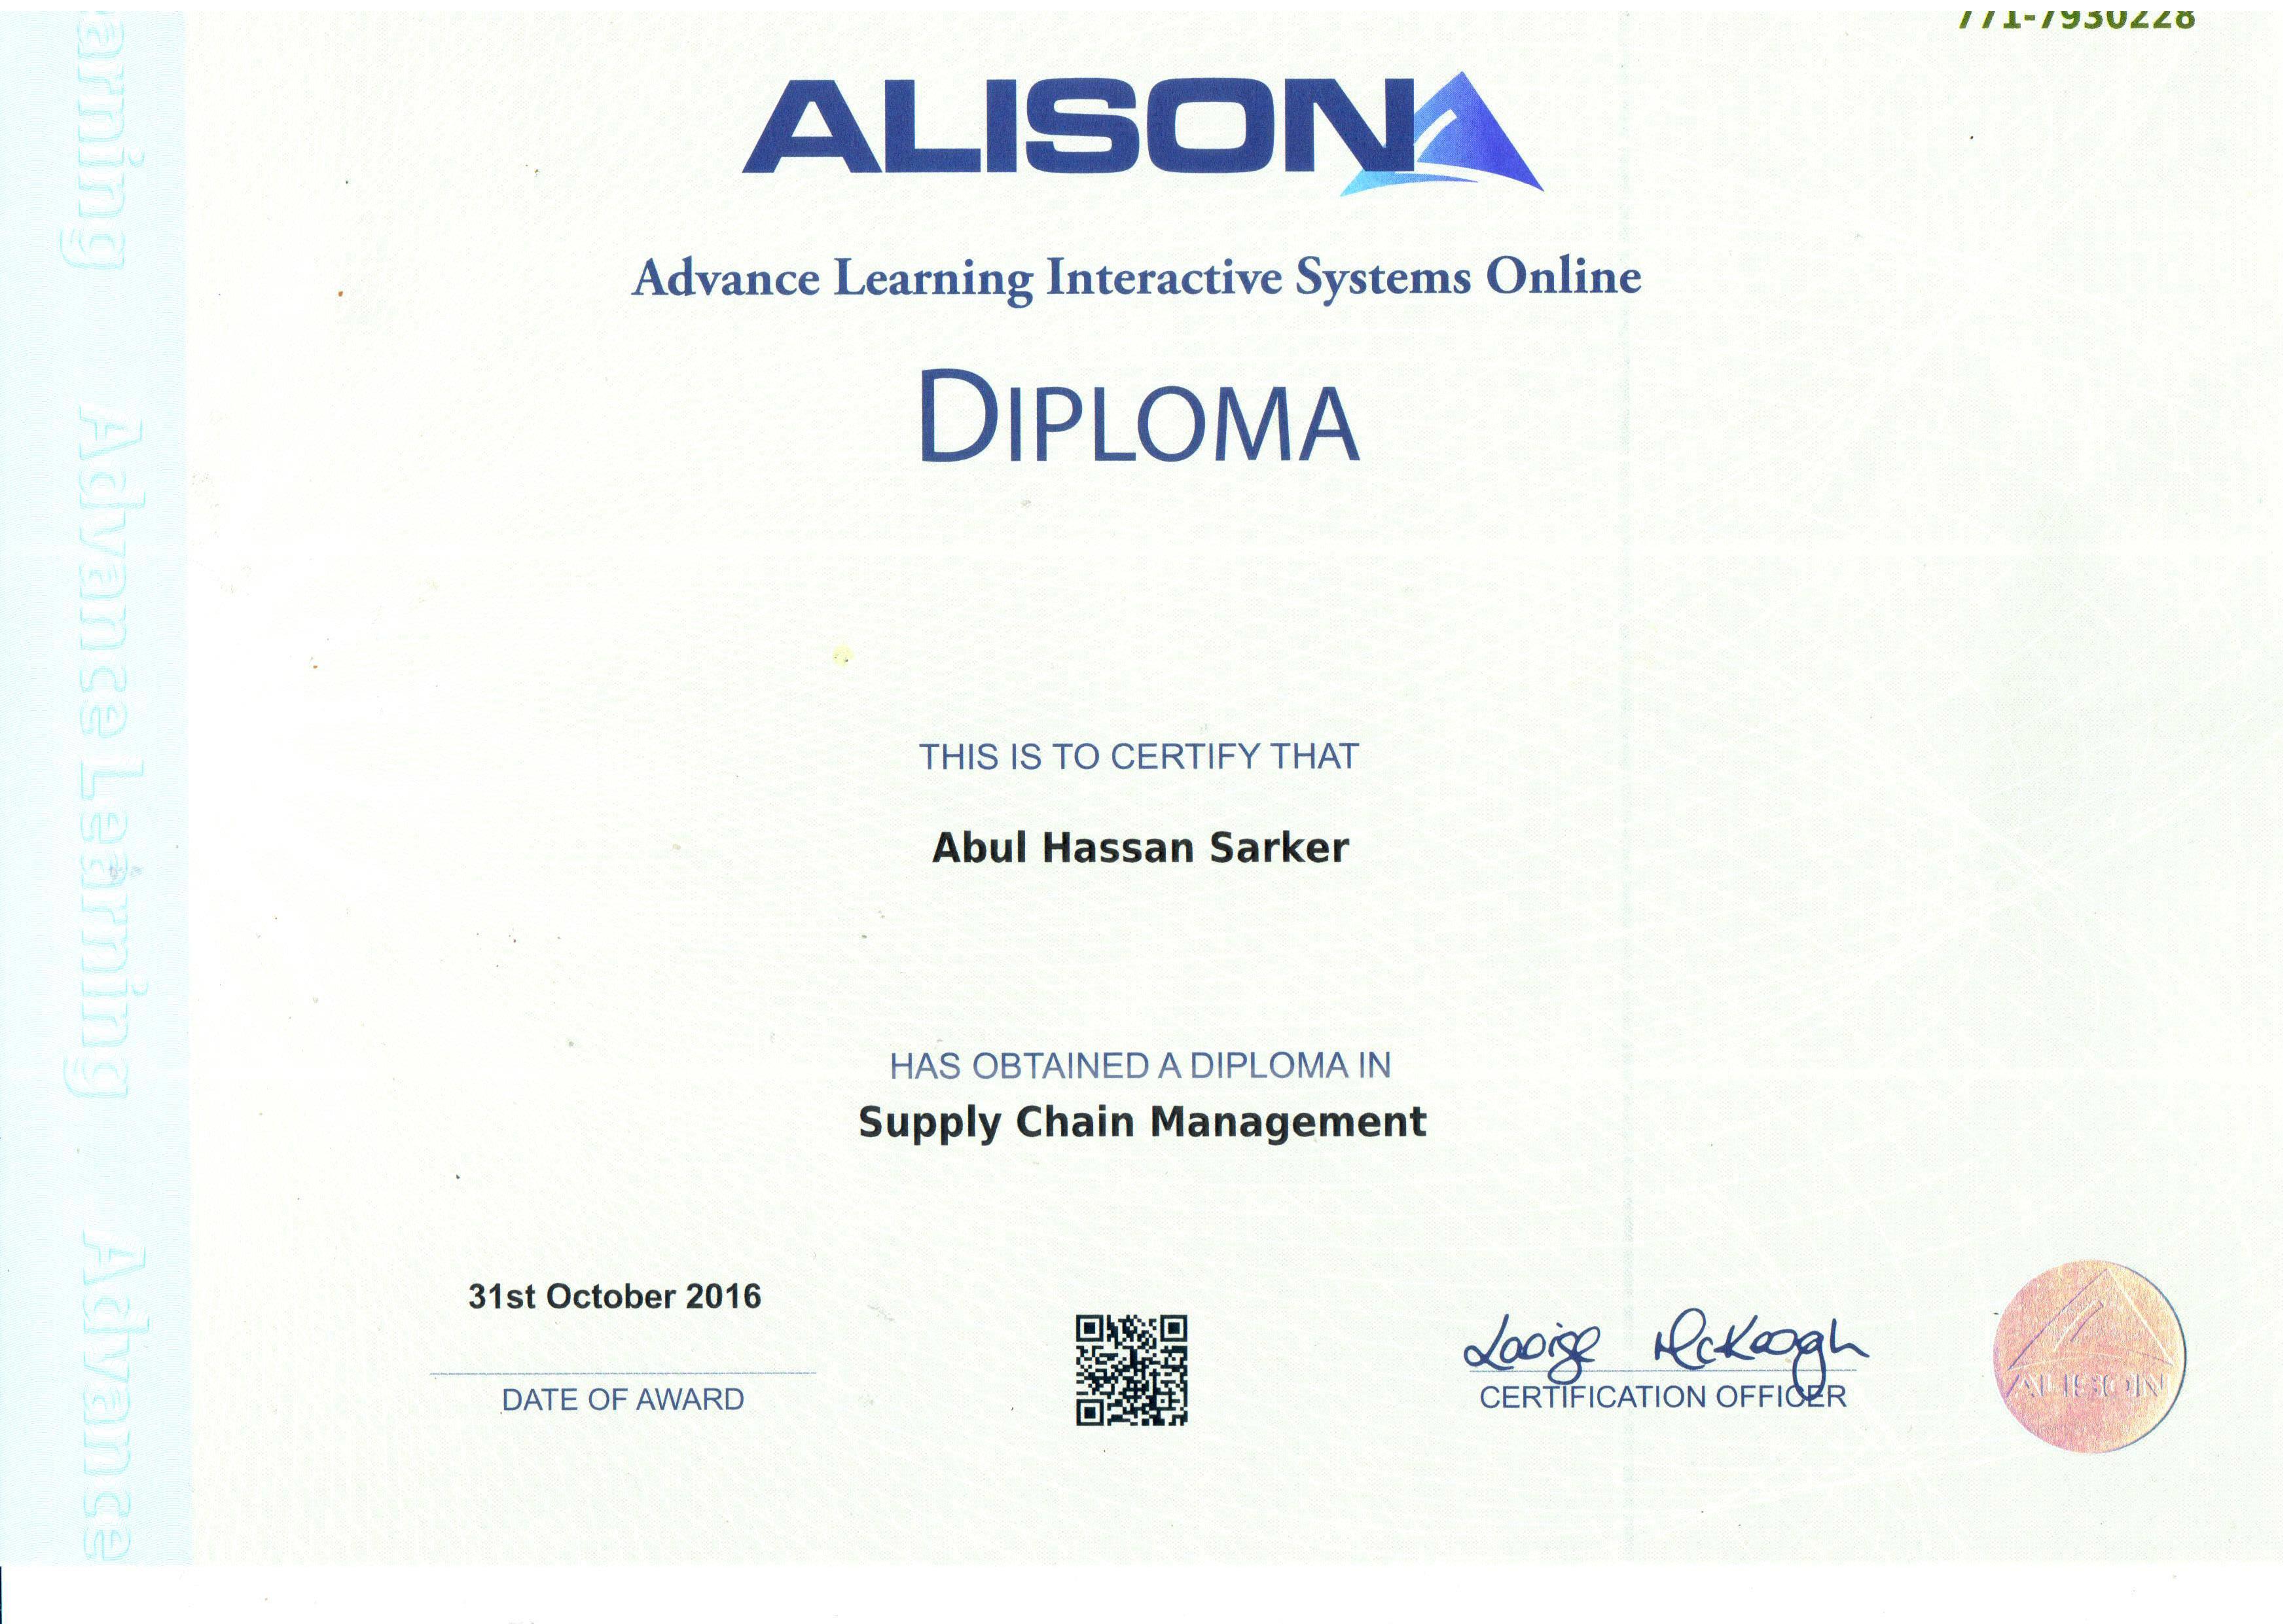 Alison Diploma Certificate